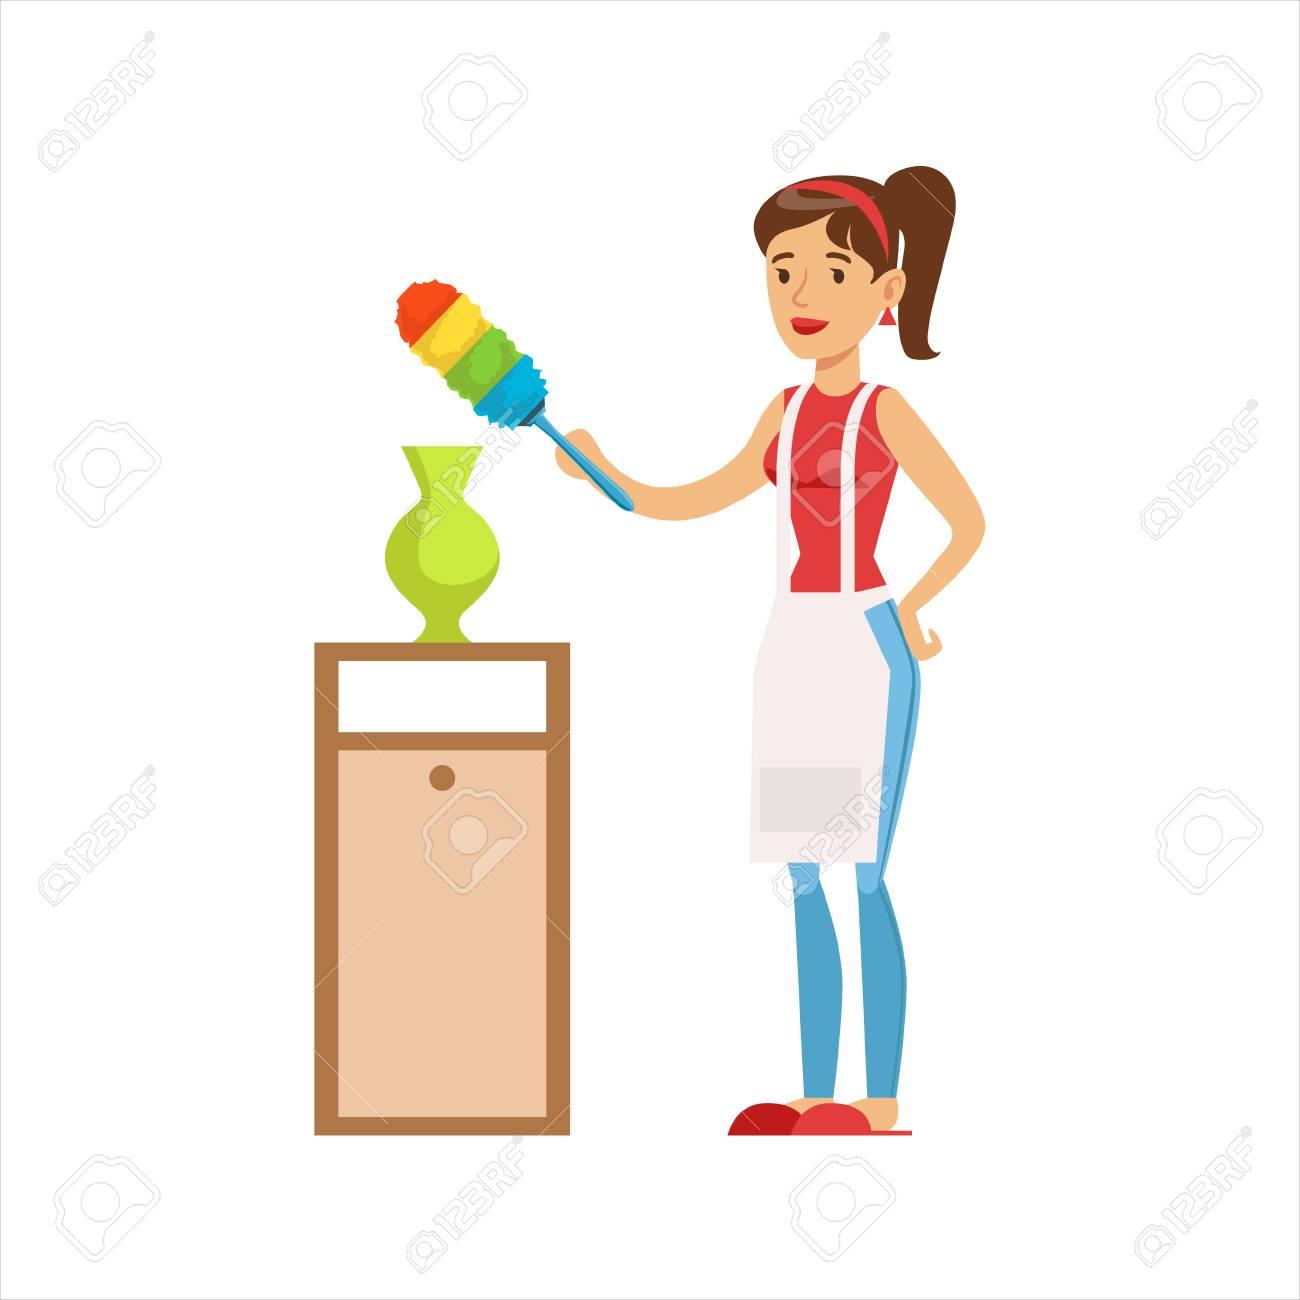 Mujer Ama De Casa Limpiando El Polvo Del Florero Con Pincel Servicio Doméstico Clásico De La Ilustración De La Esposa Que Se Queda En Casa Ilustraciones Vectoriales Clip Art Vectorizado Libre De